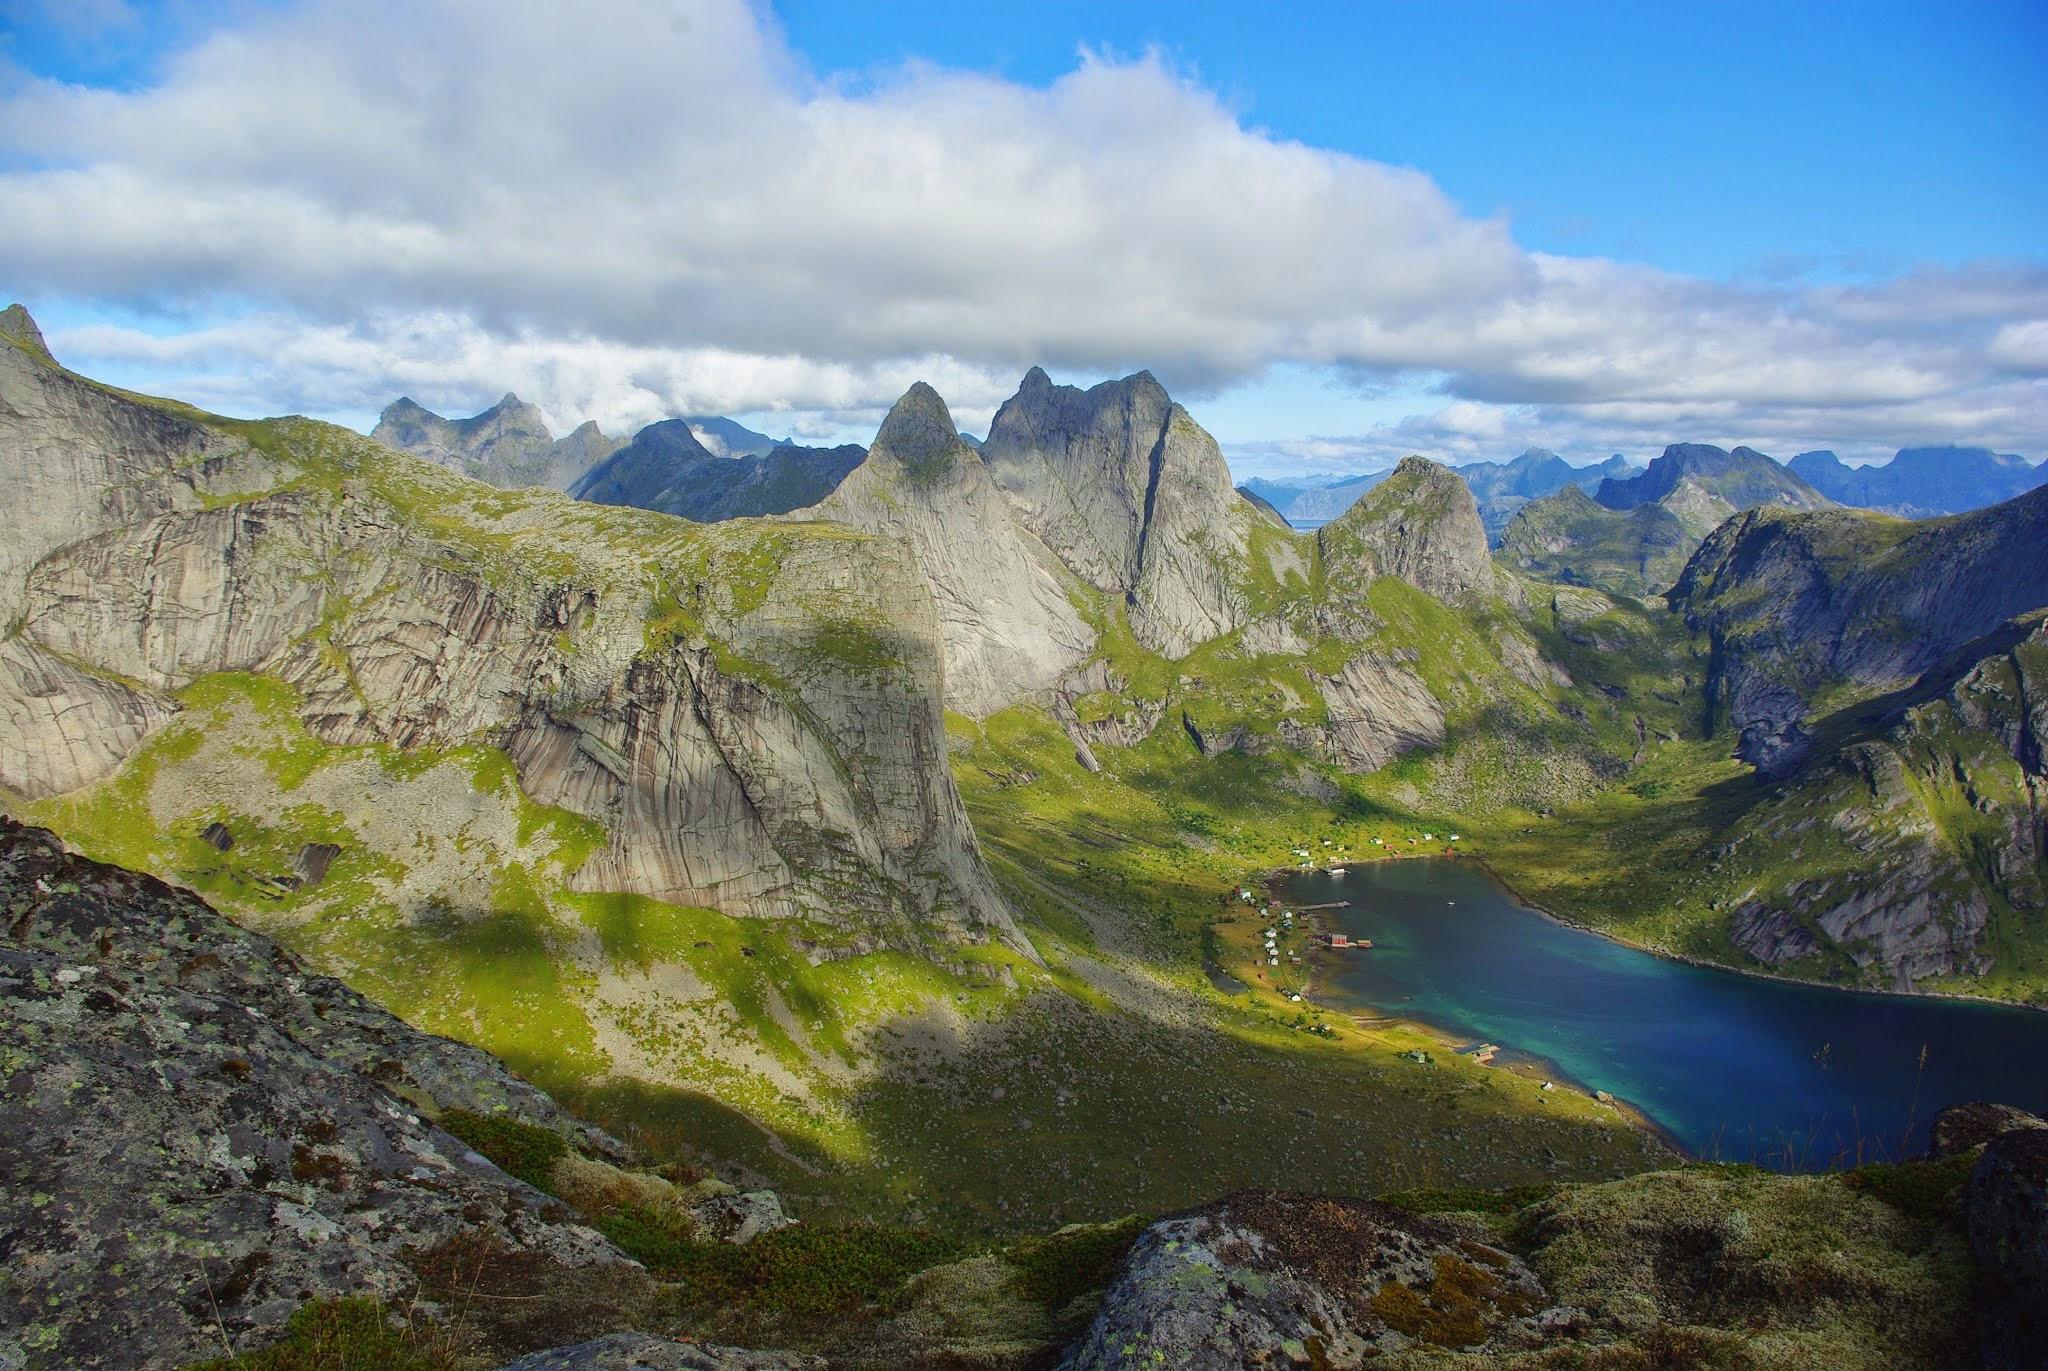 Neighboring Kjerkfjord as seen from Helvetestinden.